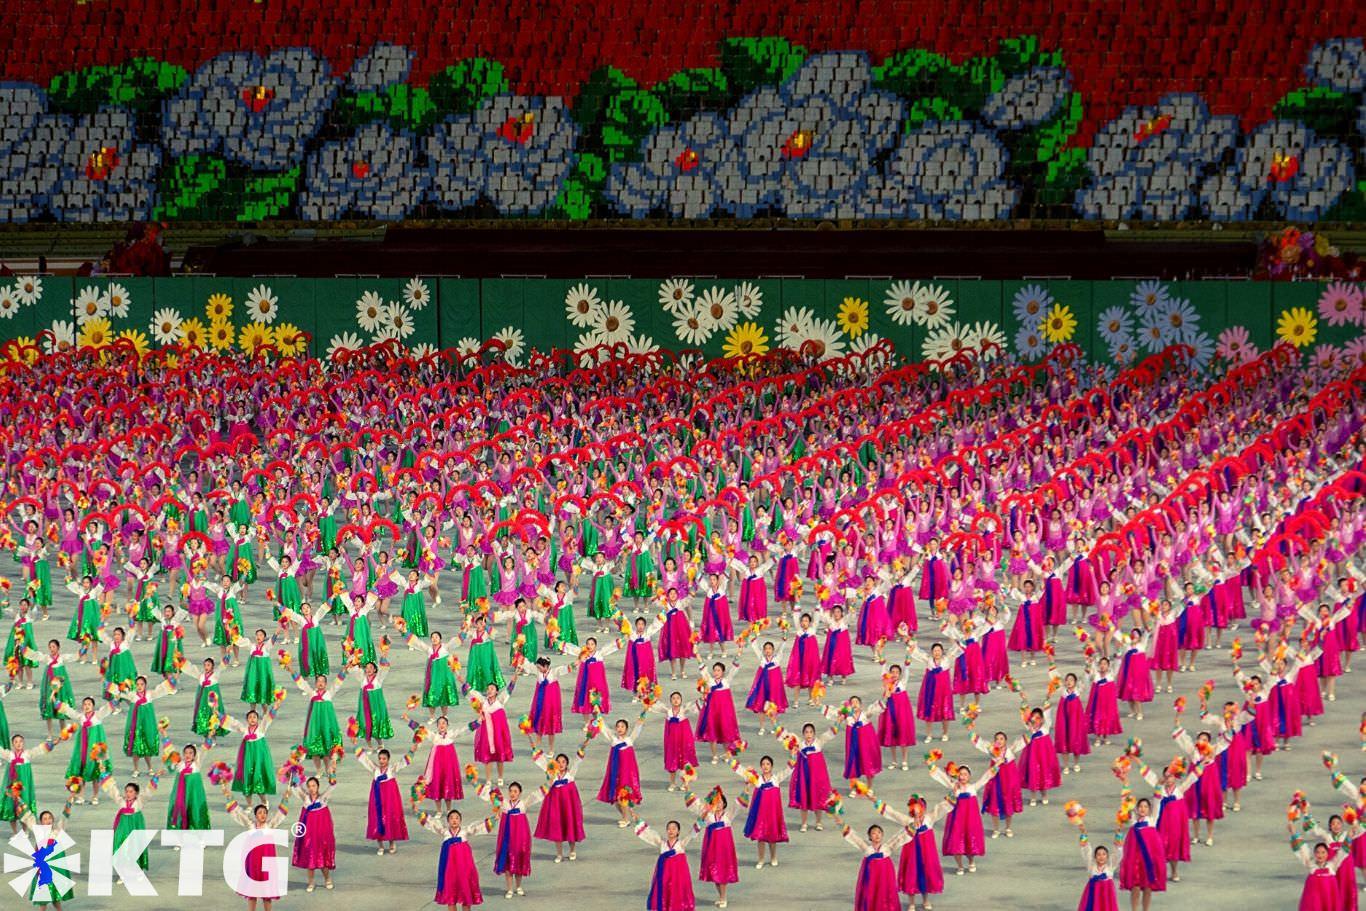 Femmes nord-coréennes se produisant aux Jeux de masse au stade du 1er mai, août 2019, à Pyongyang, Corée du Nord (RPDC). Voyage organisé par KTG Tours